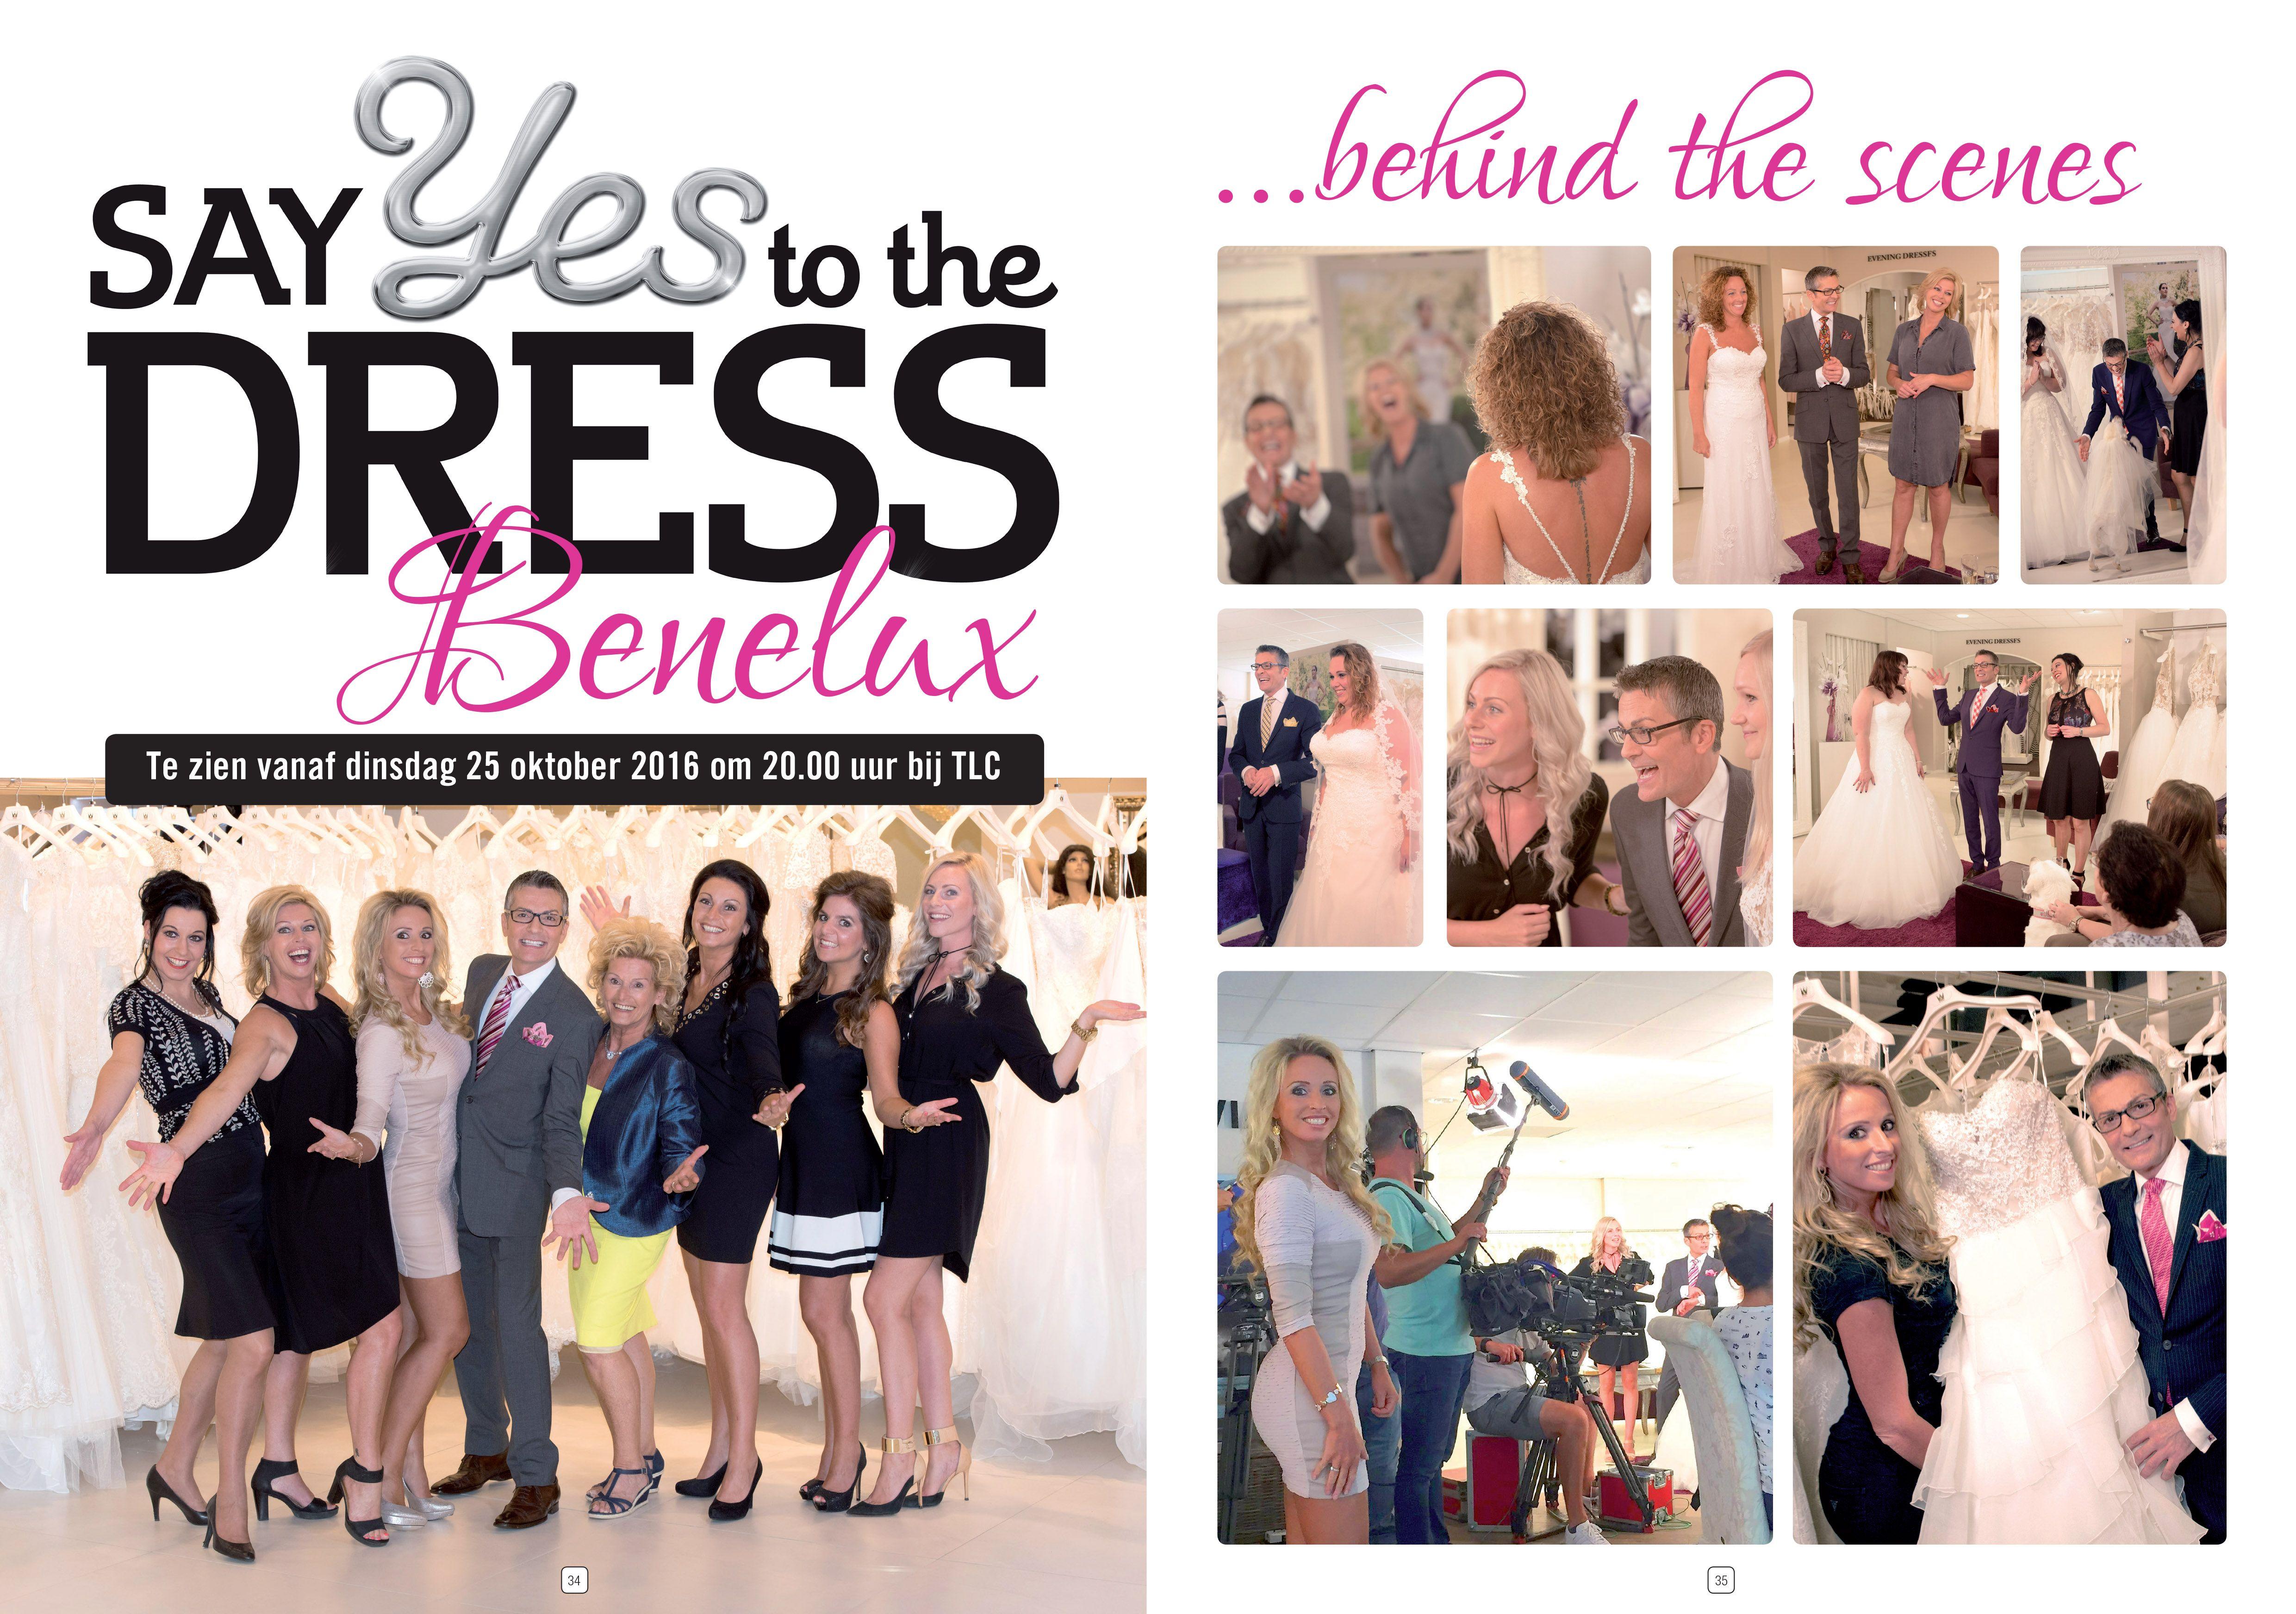 Say yes to the dress Benelux vanuit Koonings The Wedding Palace is het best bekeken programma van TLC ooit! De eerste aflevering van 'Say yes to the dress Benelux' op 25 oktober trok 213.000 kijkers en is daarmee het best bekeken programma van TLC ooit.  TLC stond tijdens die eerste uitzending van 'Say yes to the dress Benelux' in de top 3 van best bekeken zenders in Nederland bij vrouwen tussen de 20 en de 49 jaar.